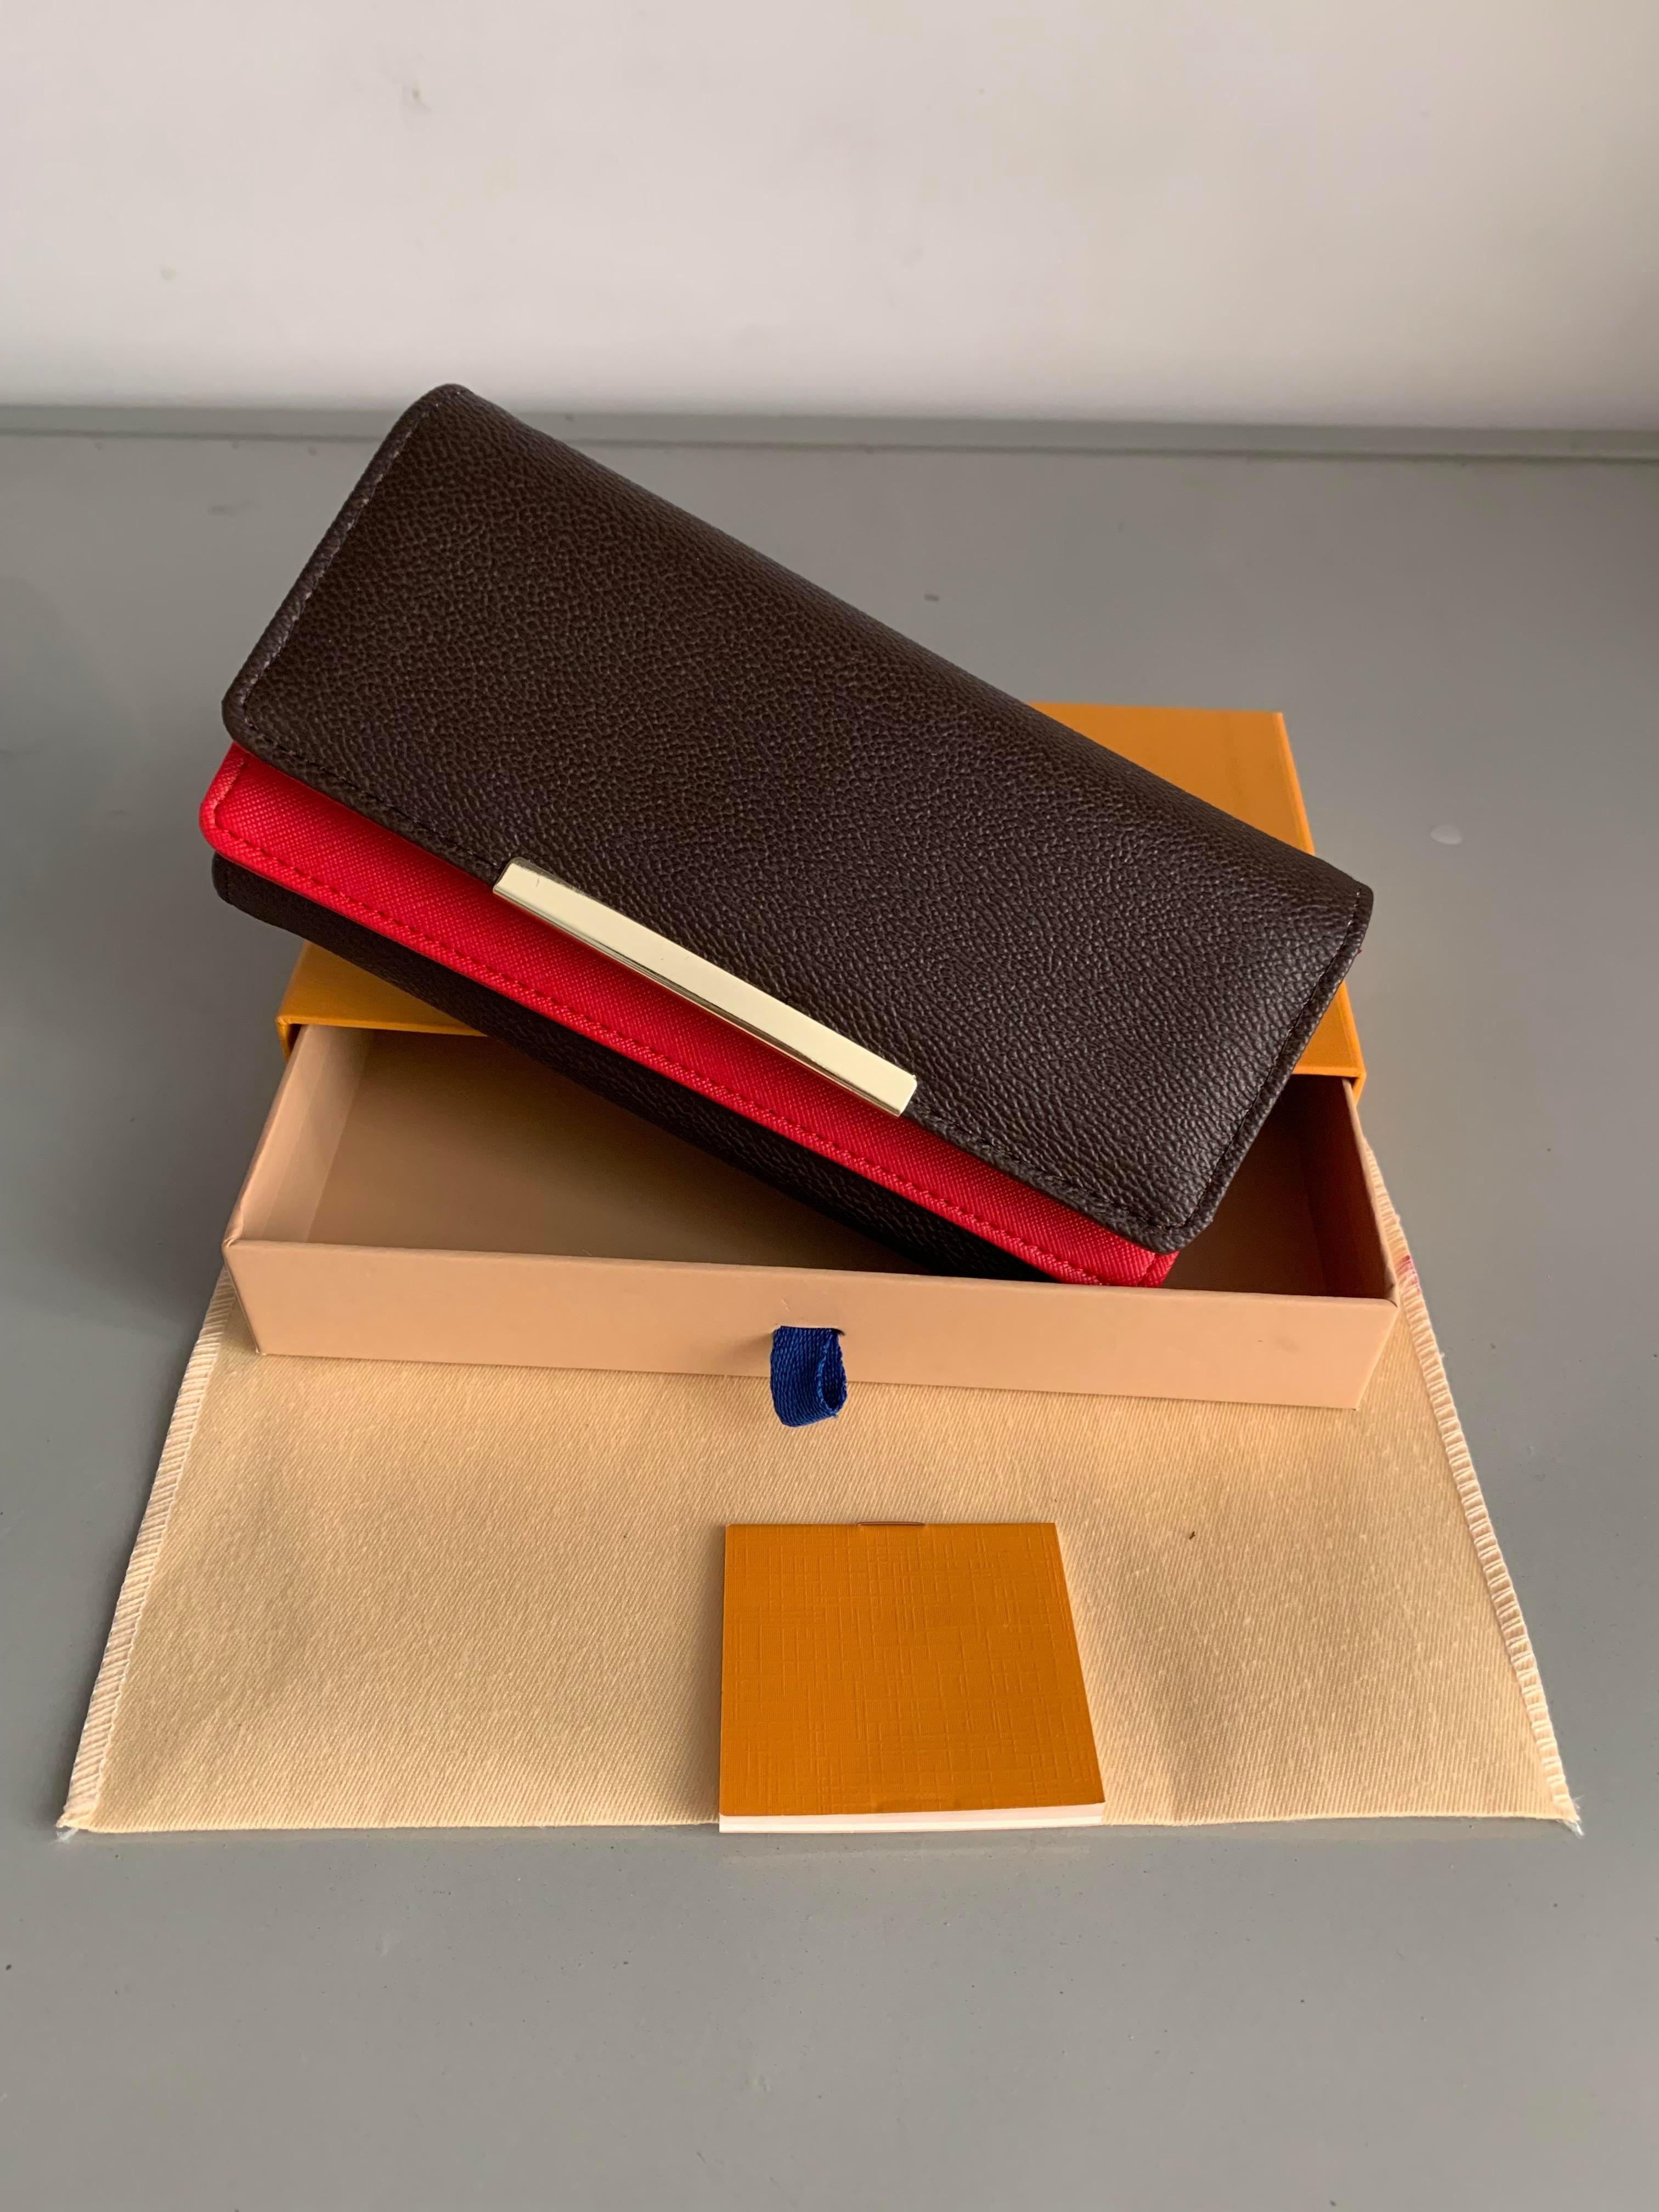 Бесплатная доставка! Коробка 2021 Сцепление Подлинная мода с дизайнерским кожаным бумажником Нет сумки UBJWO